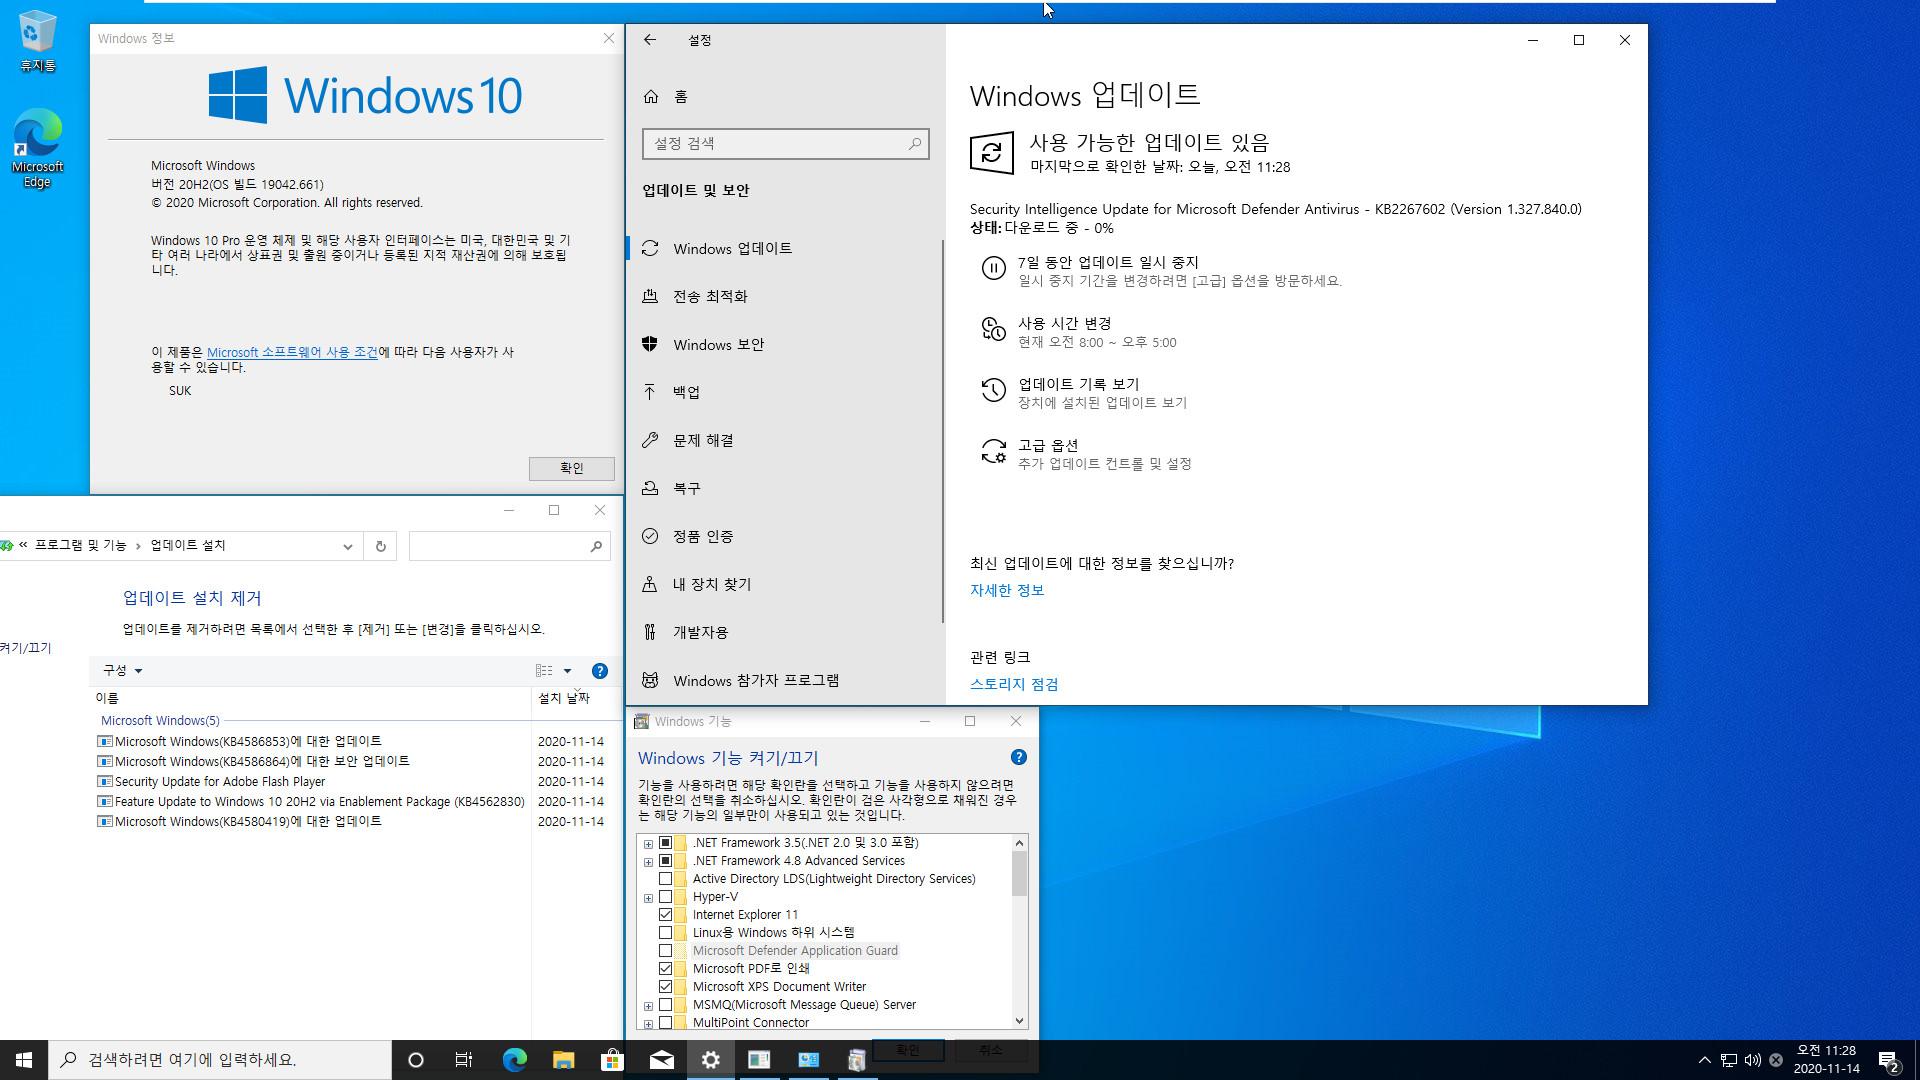 2020-11-14 토요일 [프리뷰] 통합 PRO x64 2개 - Windows 10 버전 2004 + 버전 20H2 누적 업데이트 KB4586853 (OS 빌드 19041.661 + 19042.661) v2 - 윈도우 설치 테스트 2020-11-14_112855.jpg